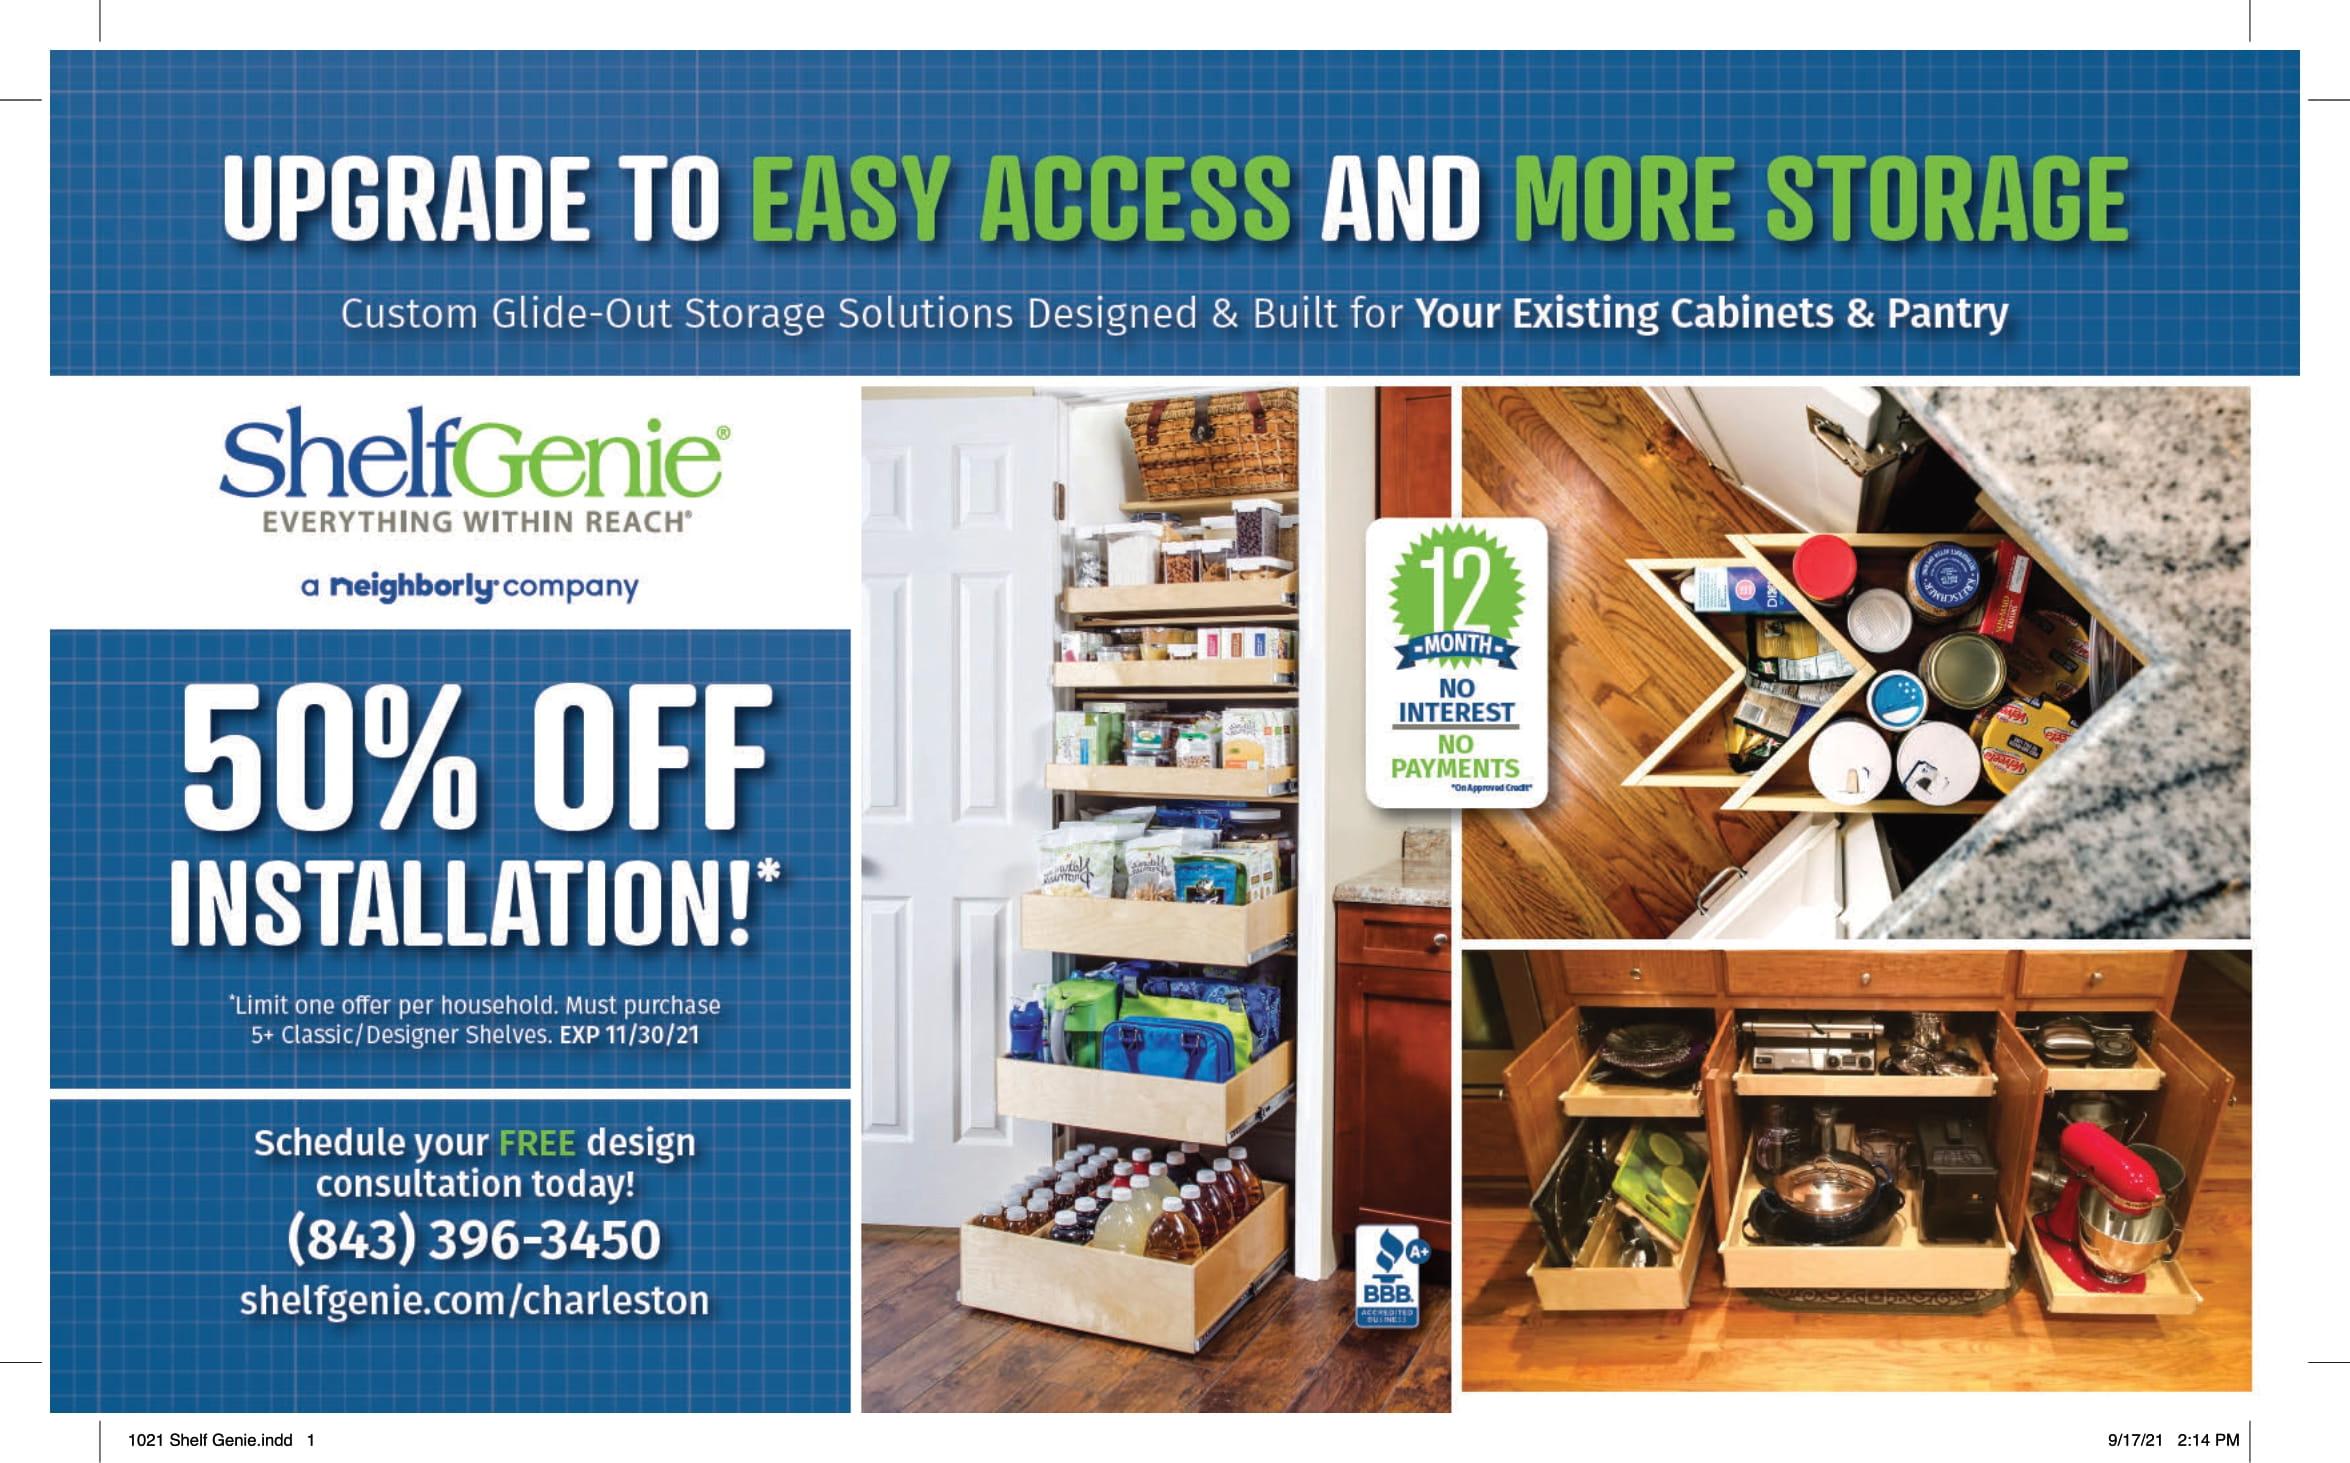 1021 Shelf Genie 1